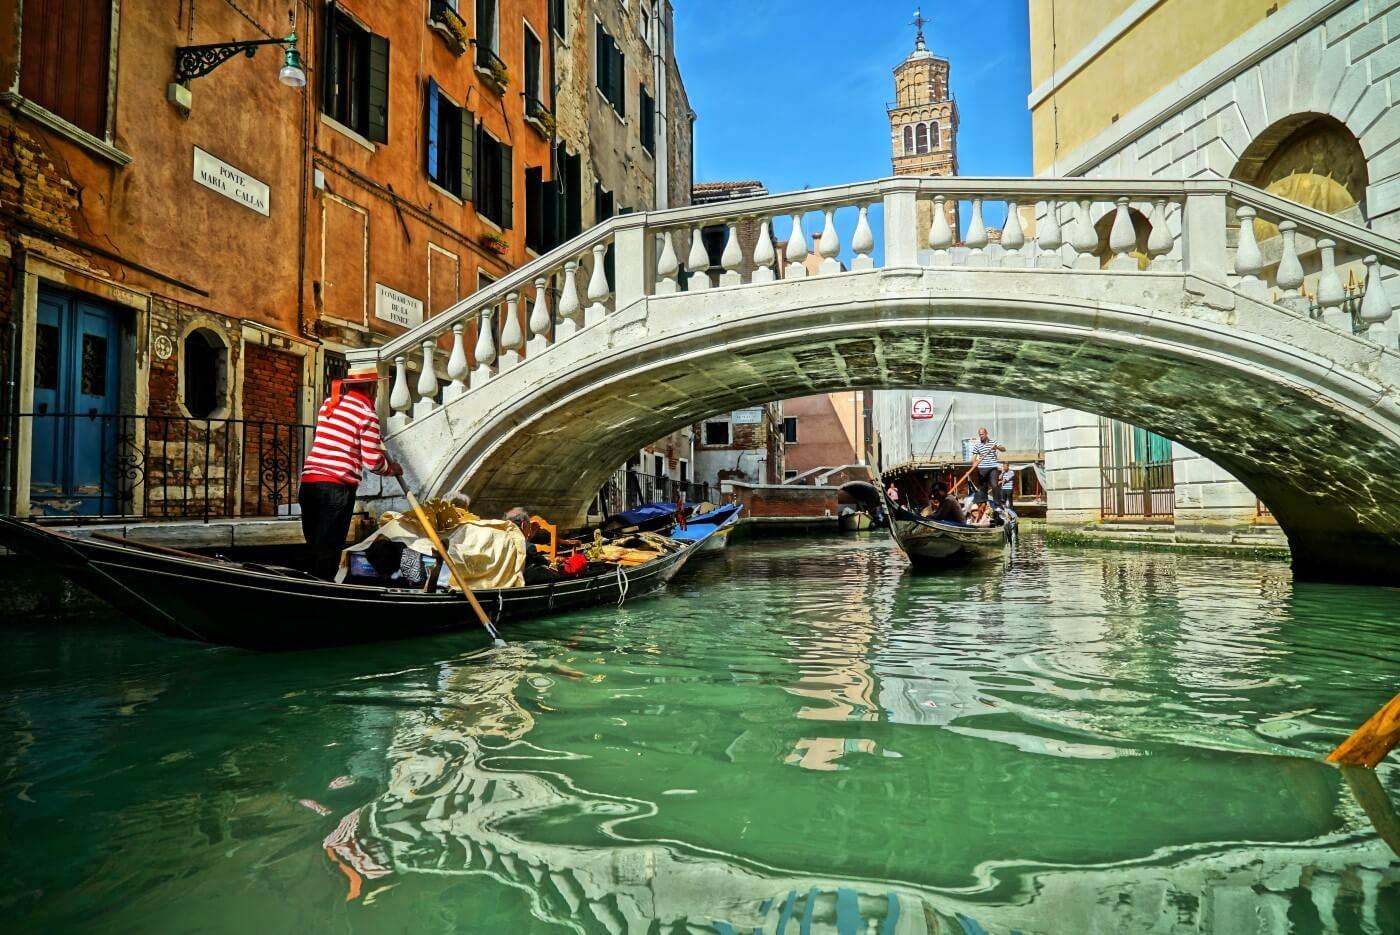 Anniversario Di Matrimonio A Venezia.Luna Di Miele E Anniversario Di Matrimonio A Venezia Hotel Royal